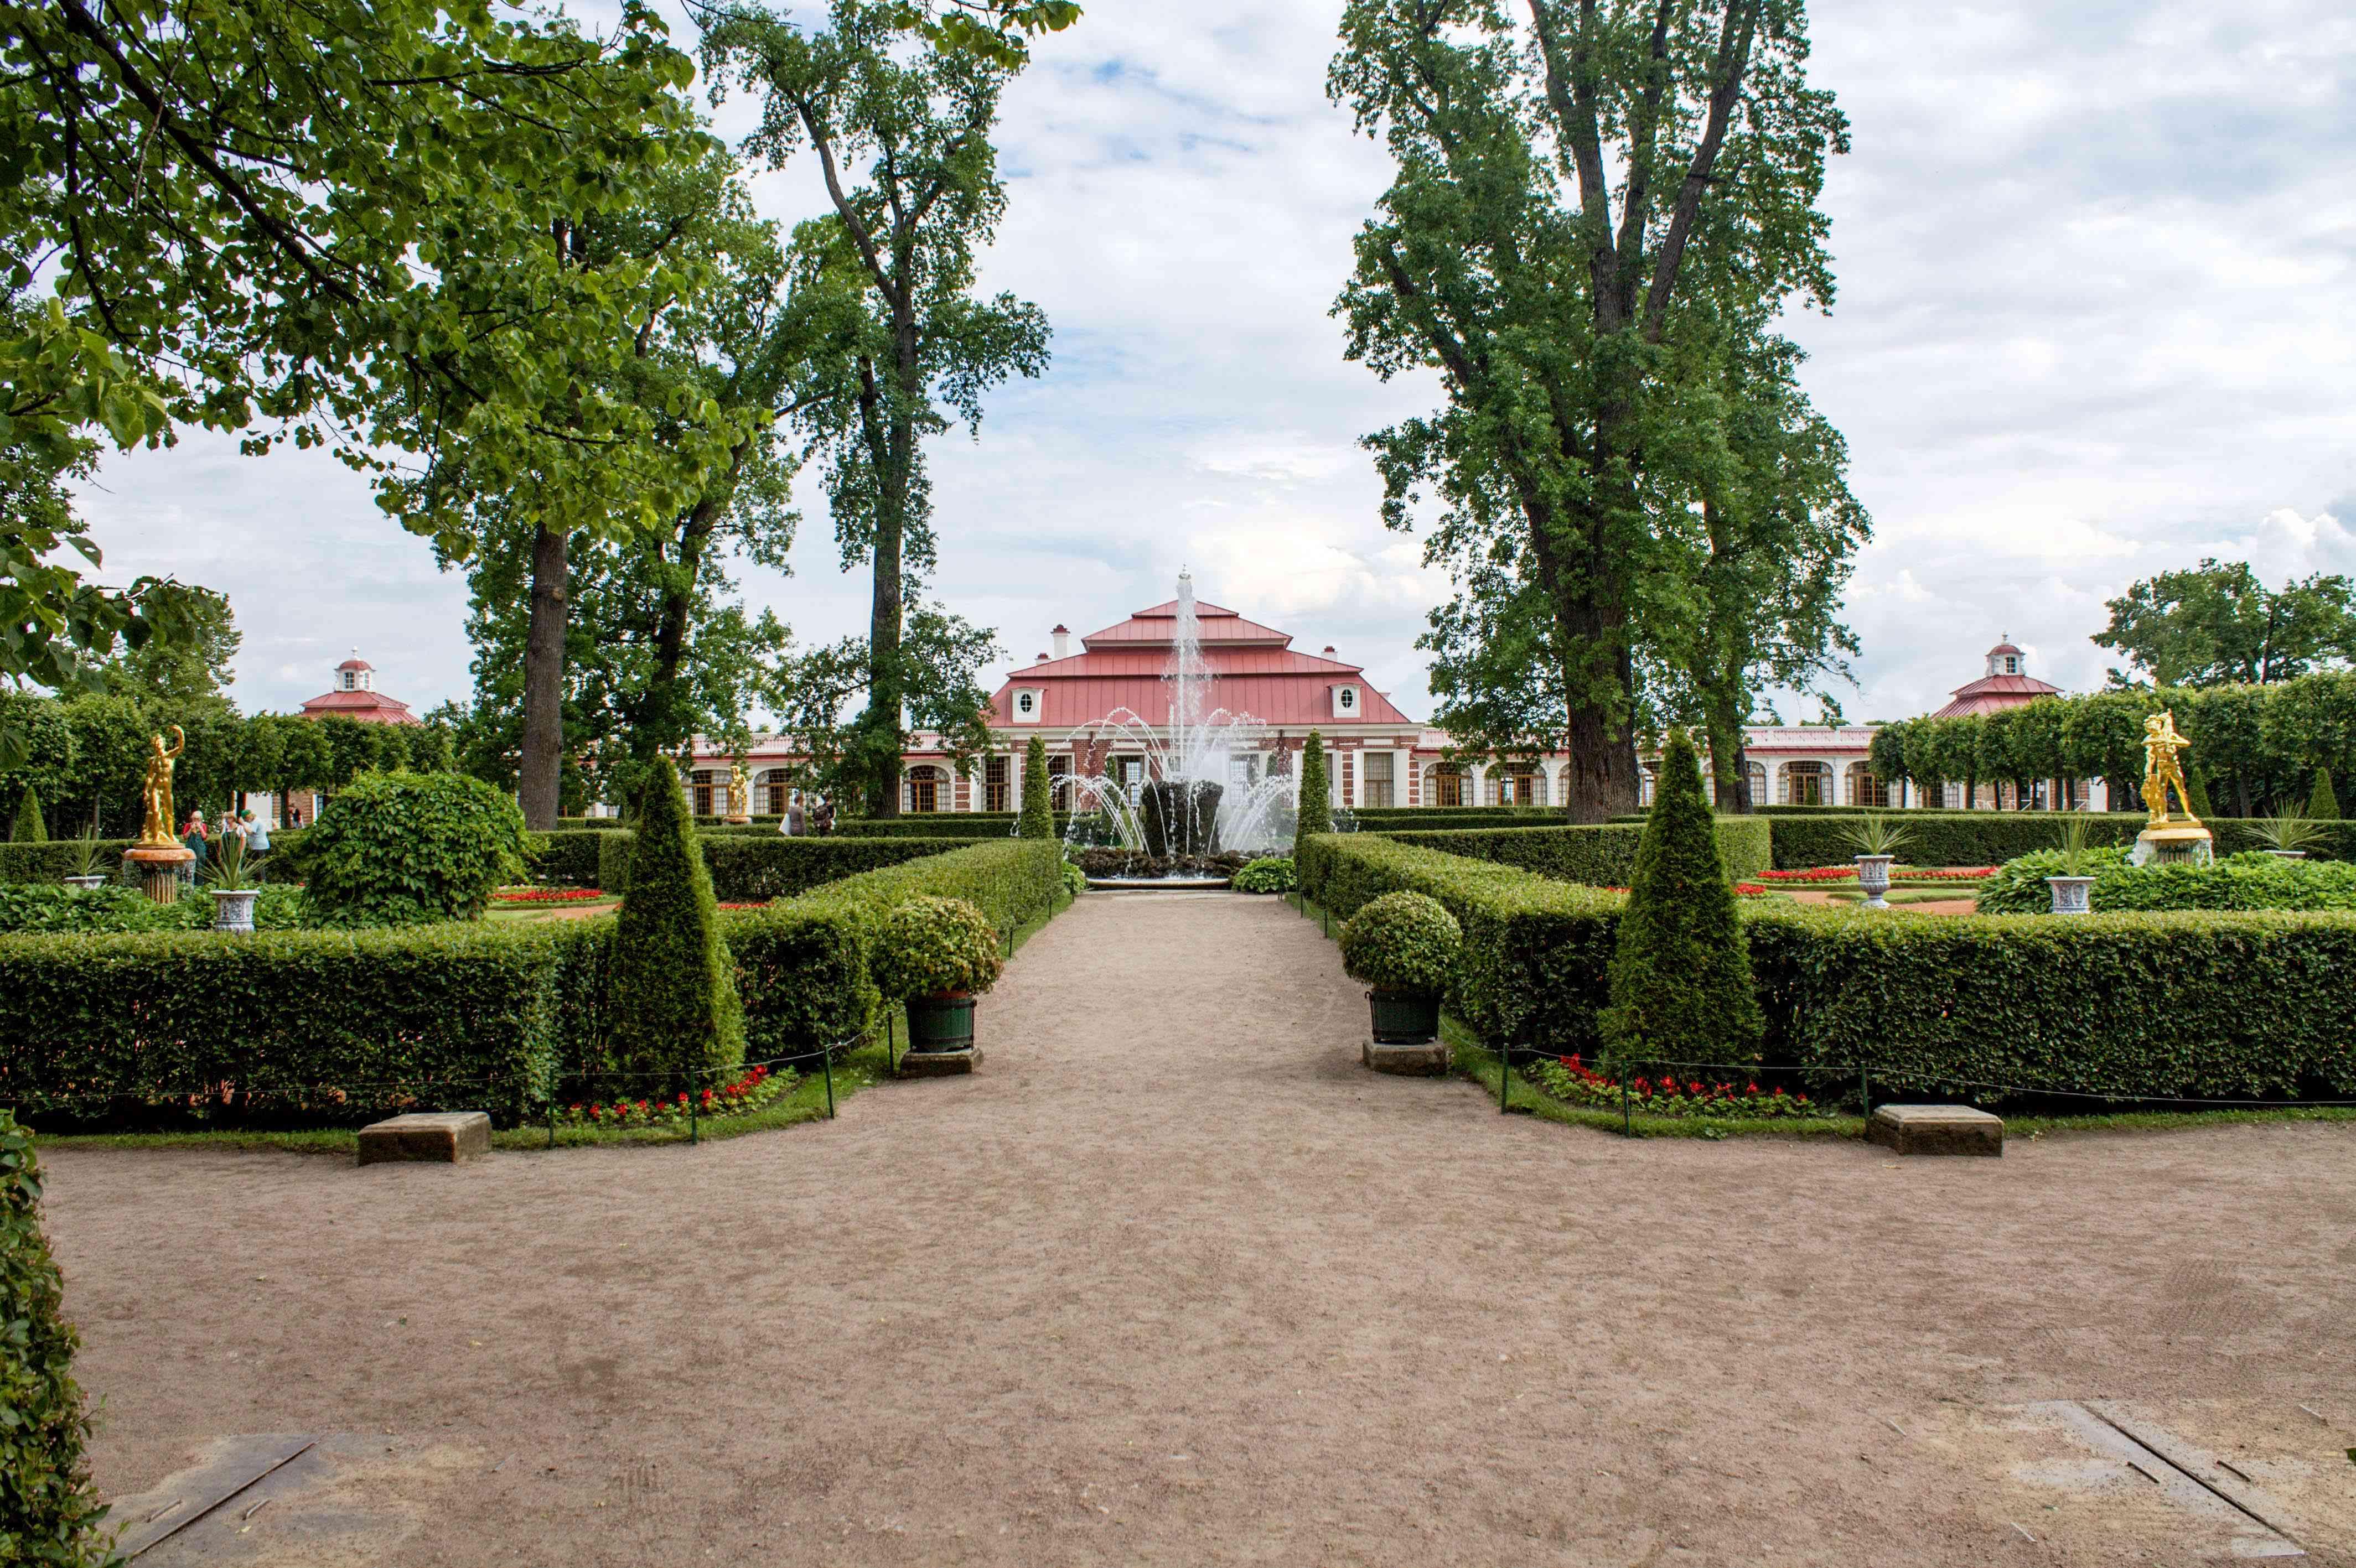 The gardens at Peterhof